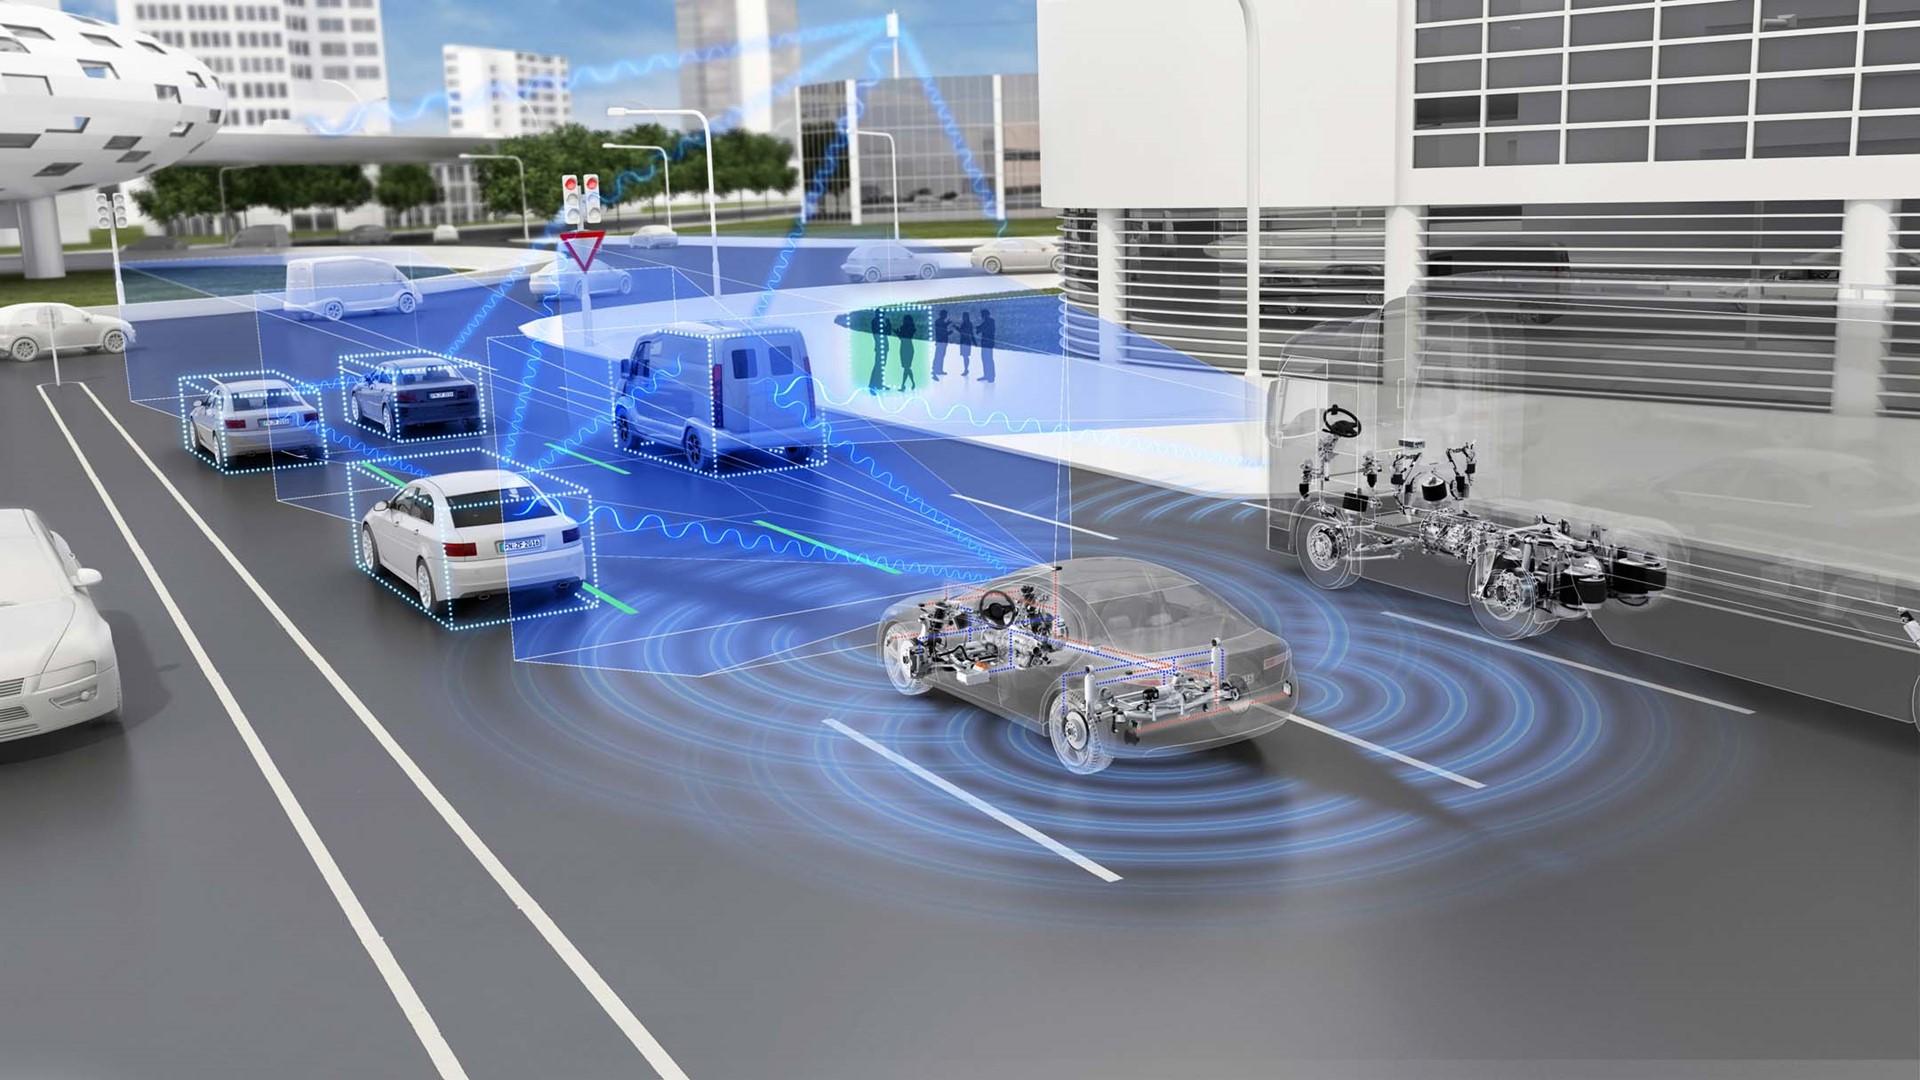 Advanced Vision System for Terrestrial Navigation